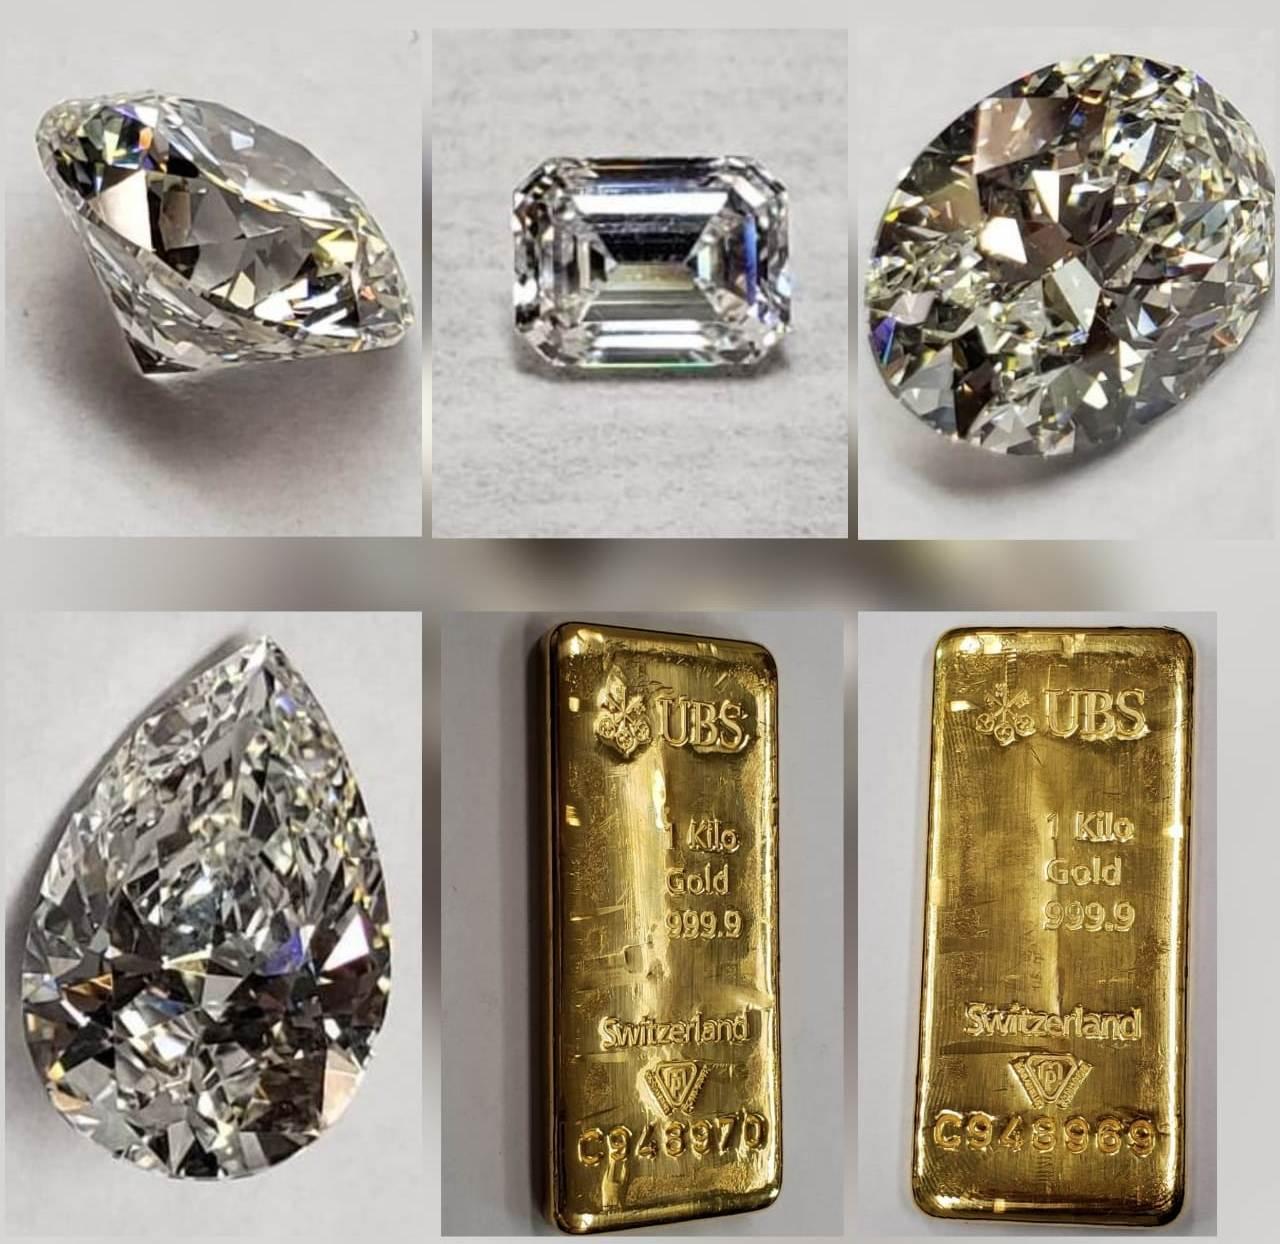 Barras de ouro e diamantes que pertenciam a Sérgio Cabral serão leiloados